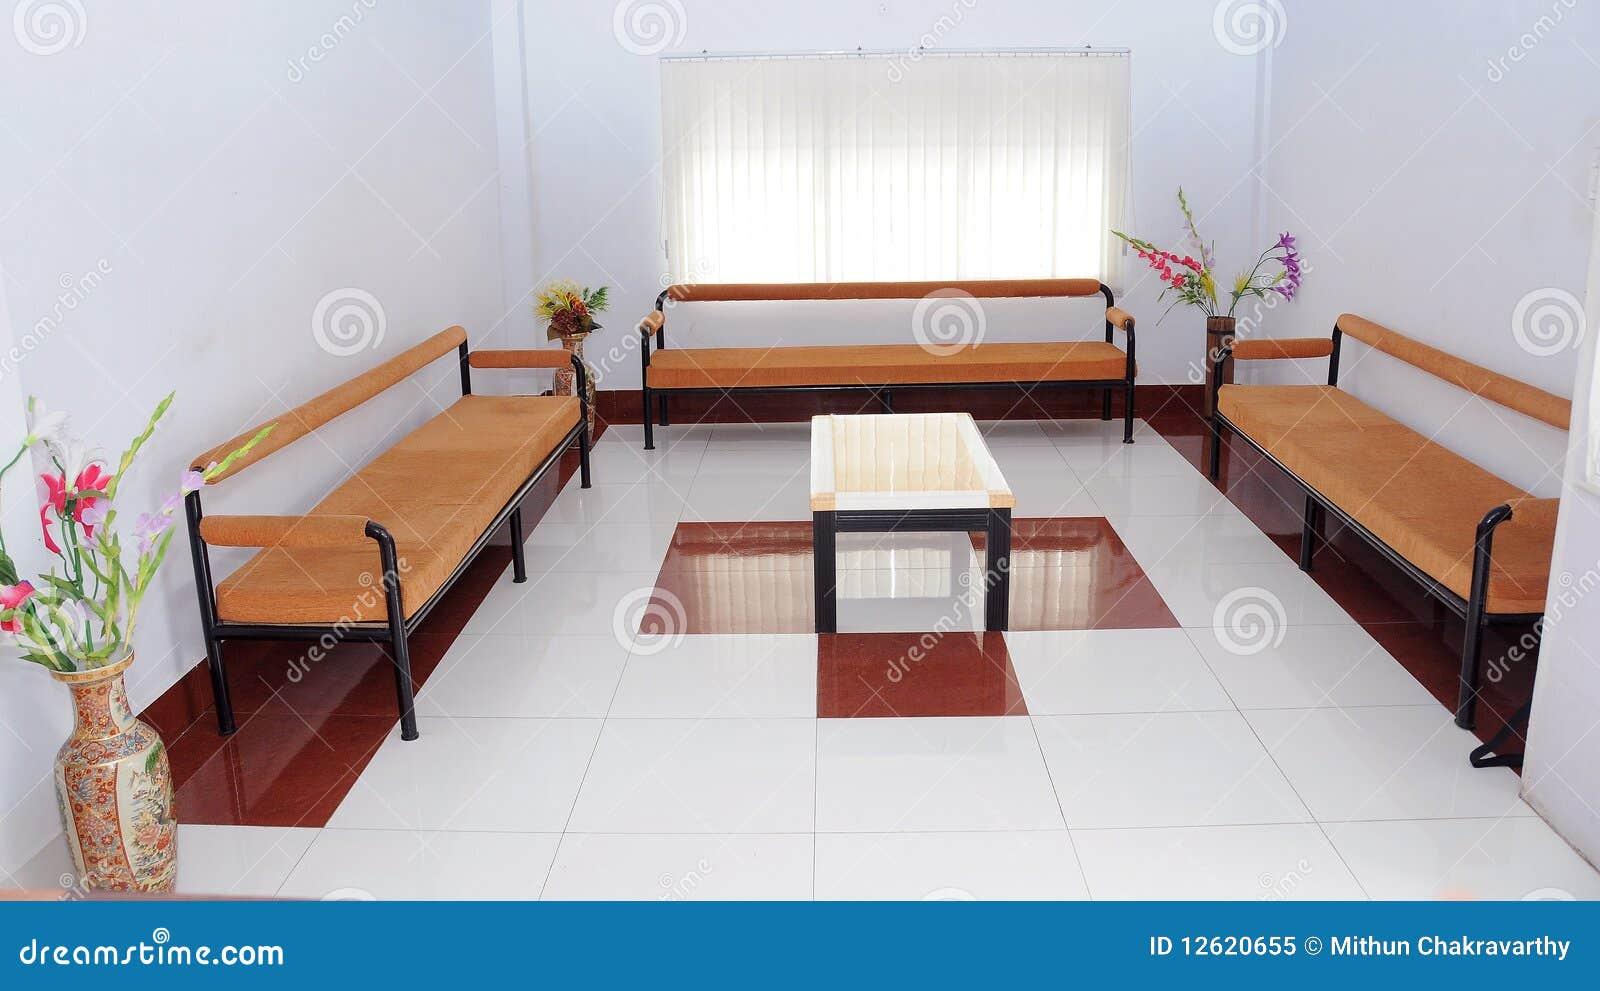 salle de s jour de luxe photo libre de droits image 12620655. Black Bedroom Furniture Sets. Home Design Ideas